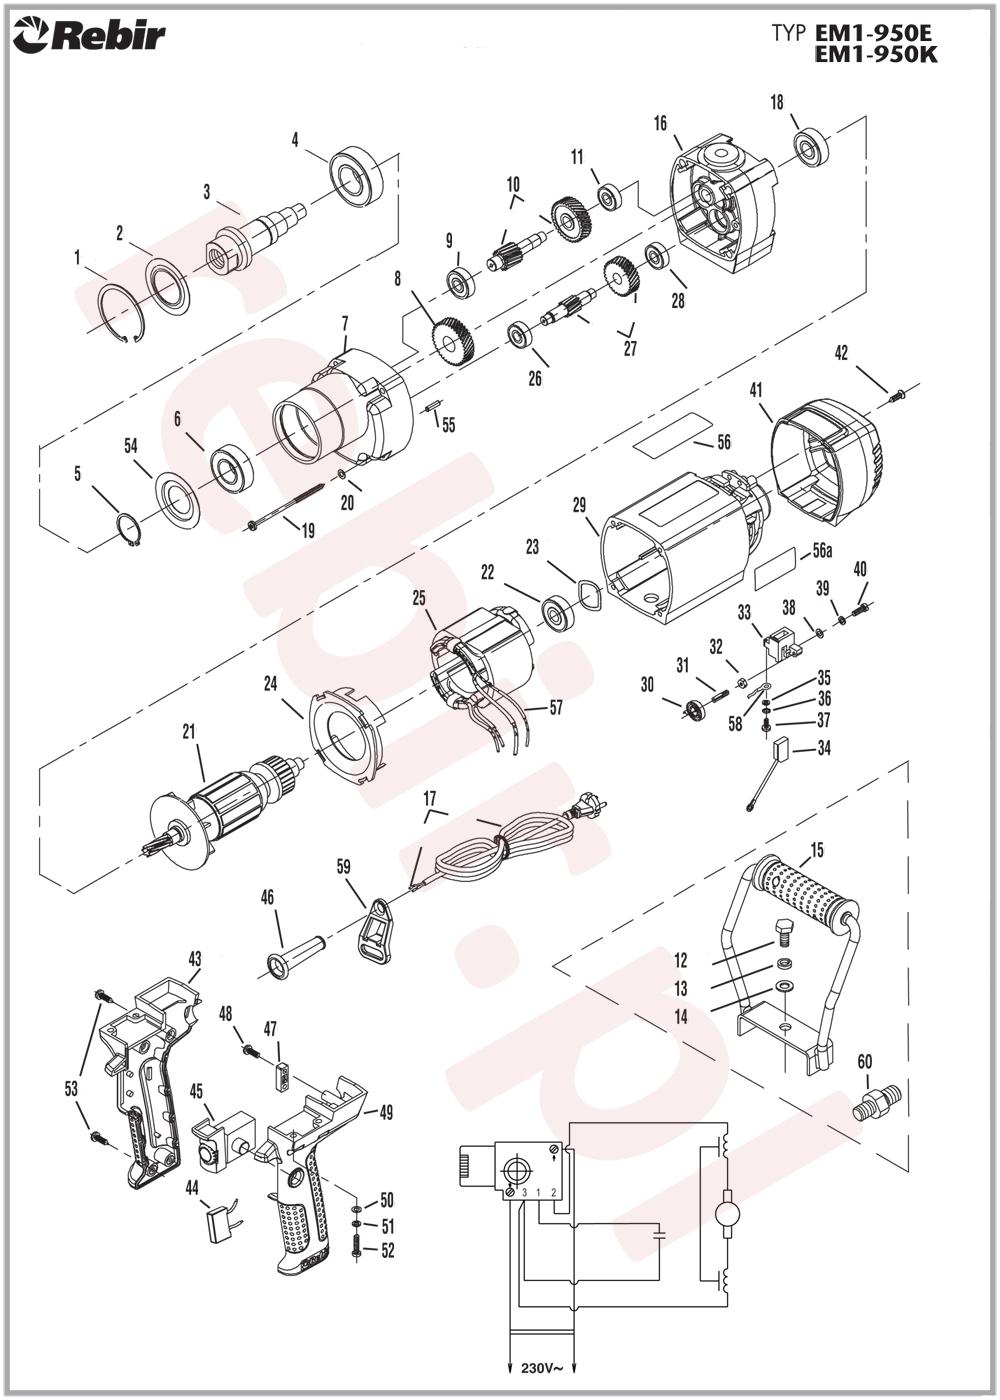 schemat serwisowy mieszarki Rebir